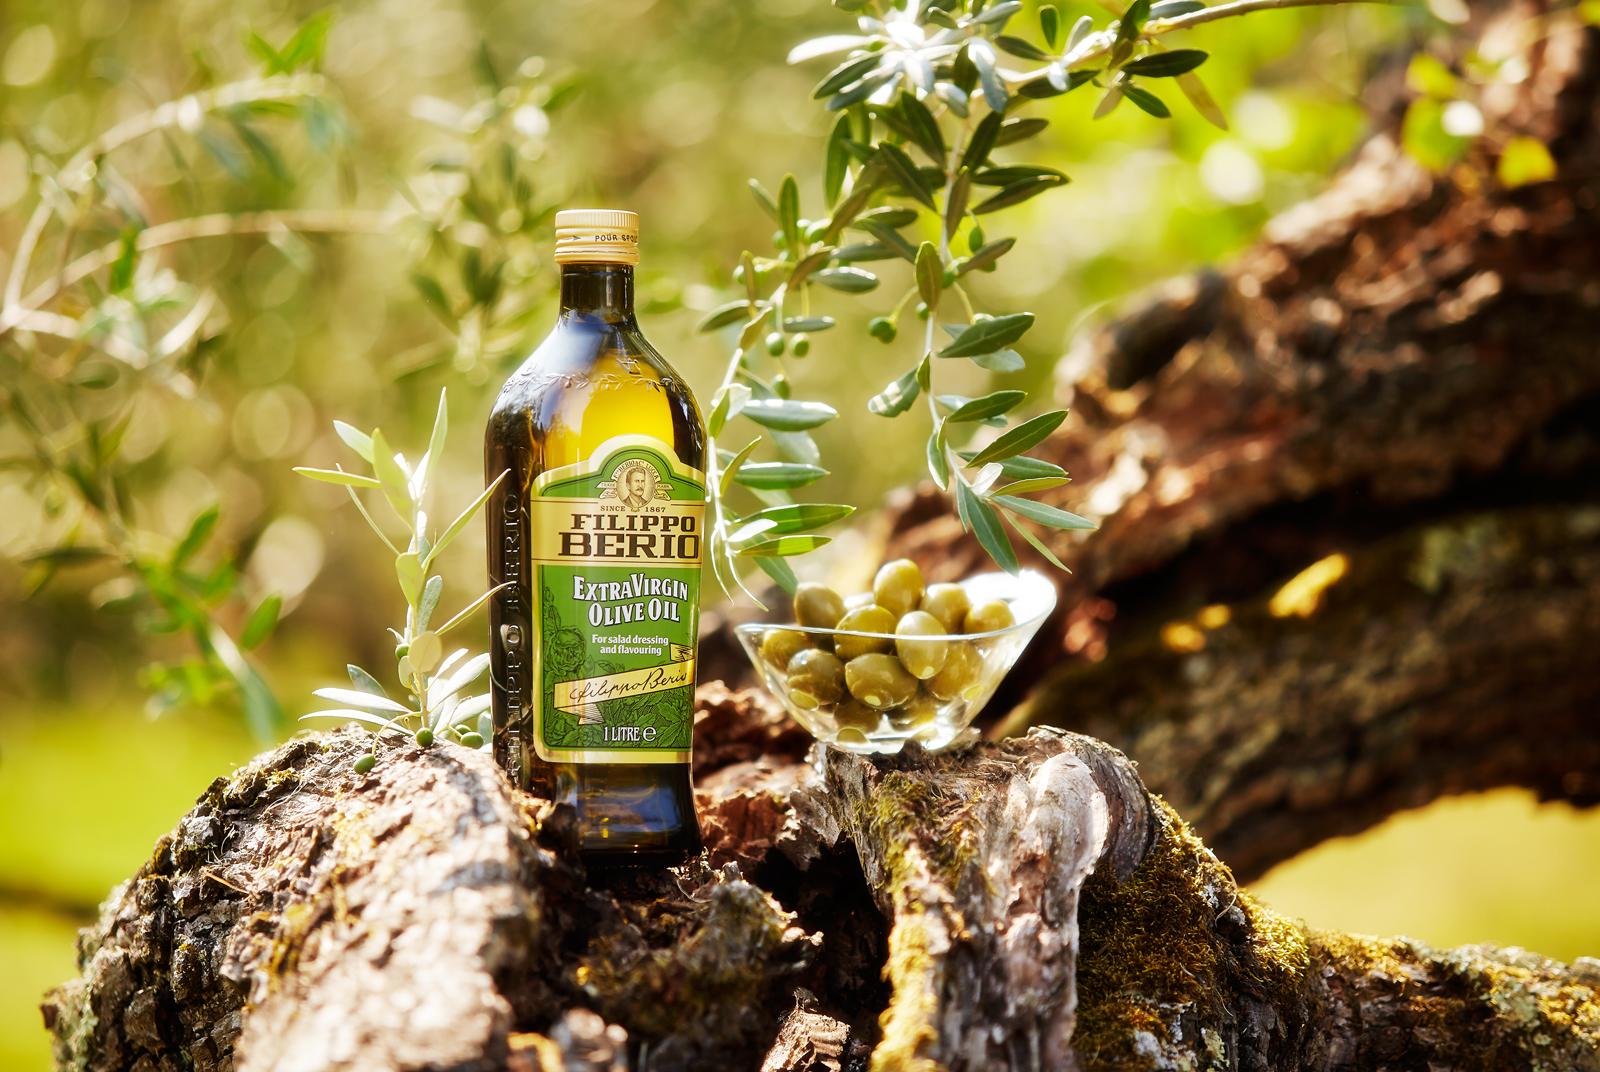 tronco Berio + olive